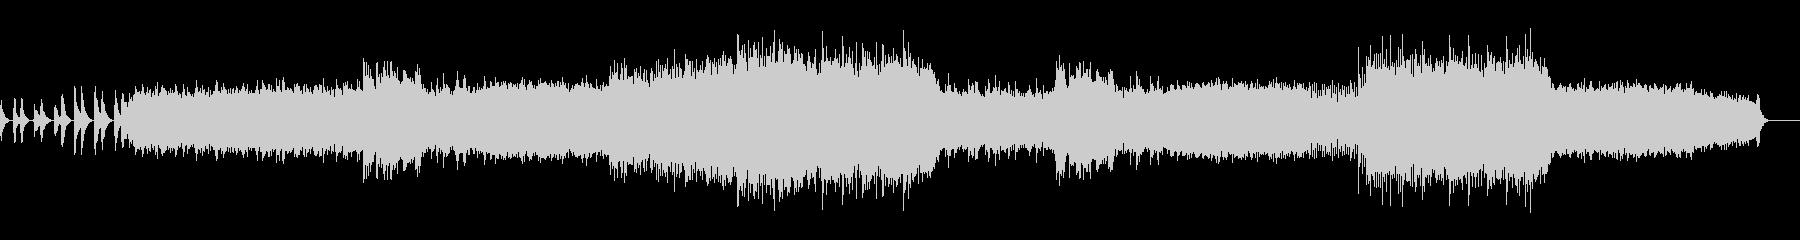 セントポール組曲 第三楽章間奏曲の未再生の波形